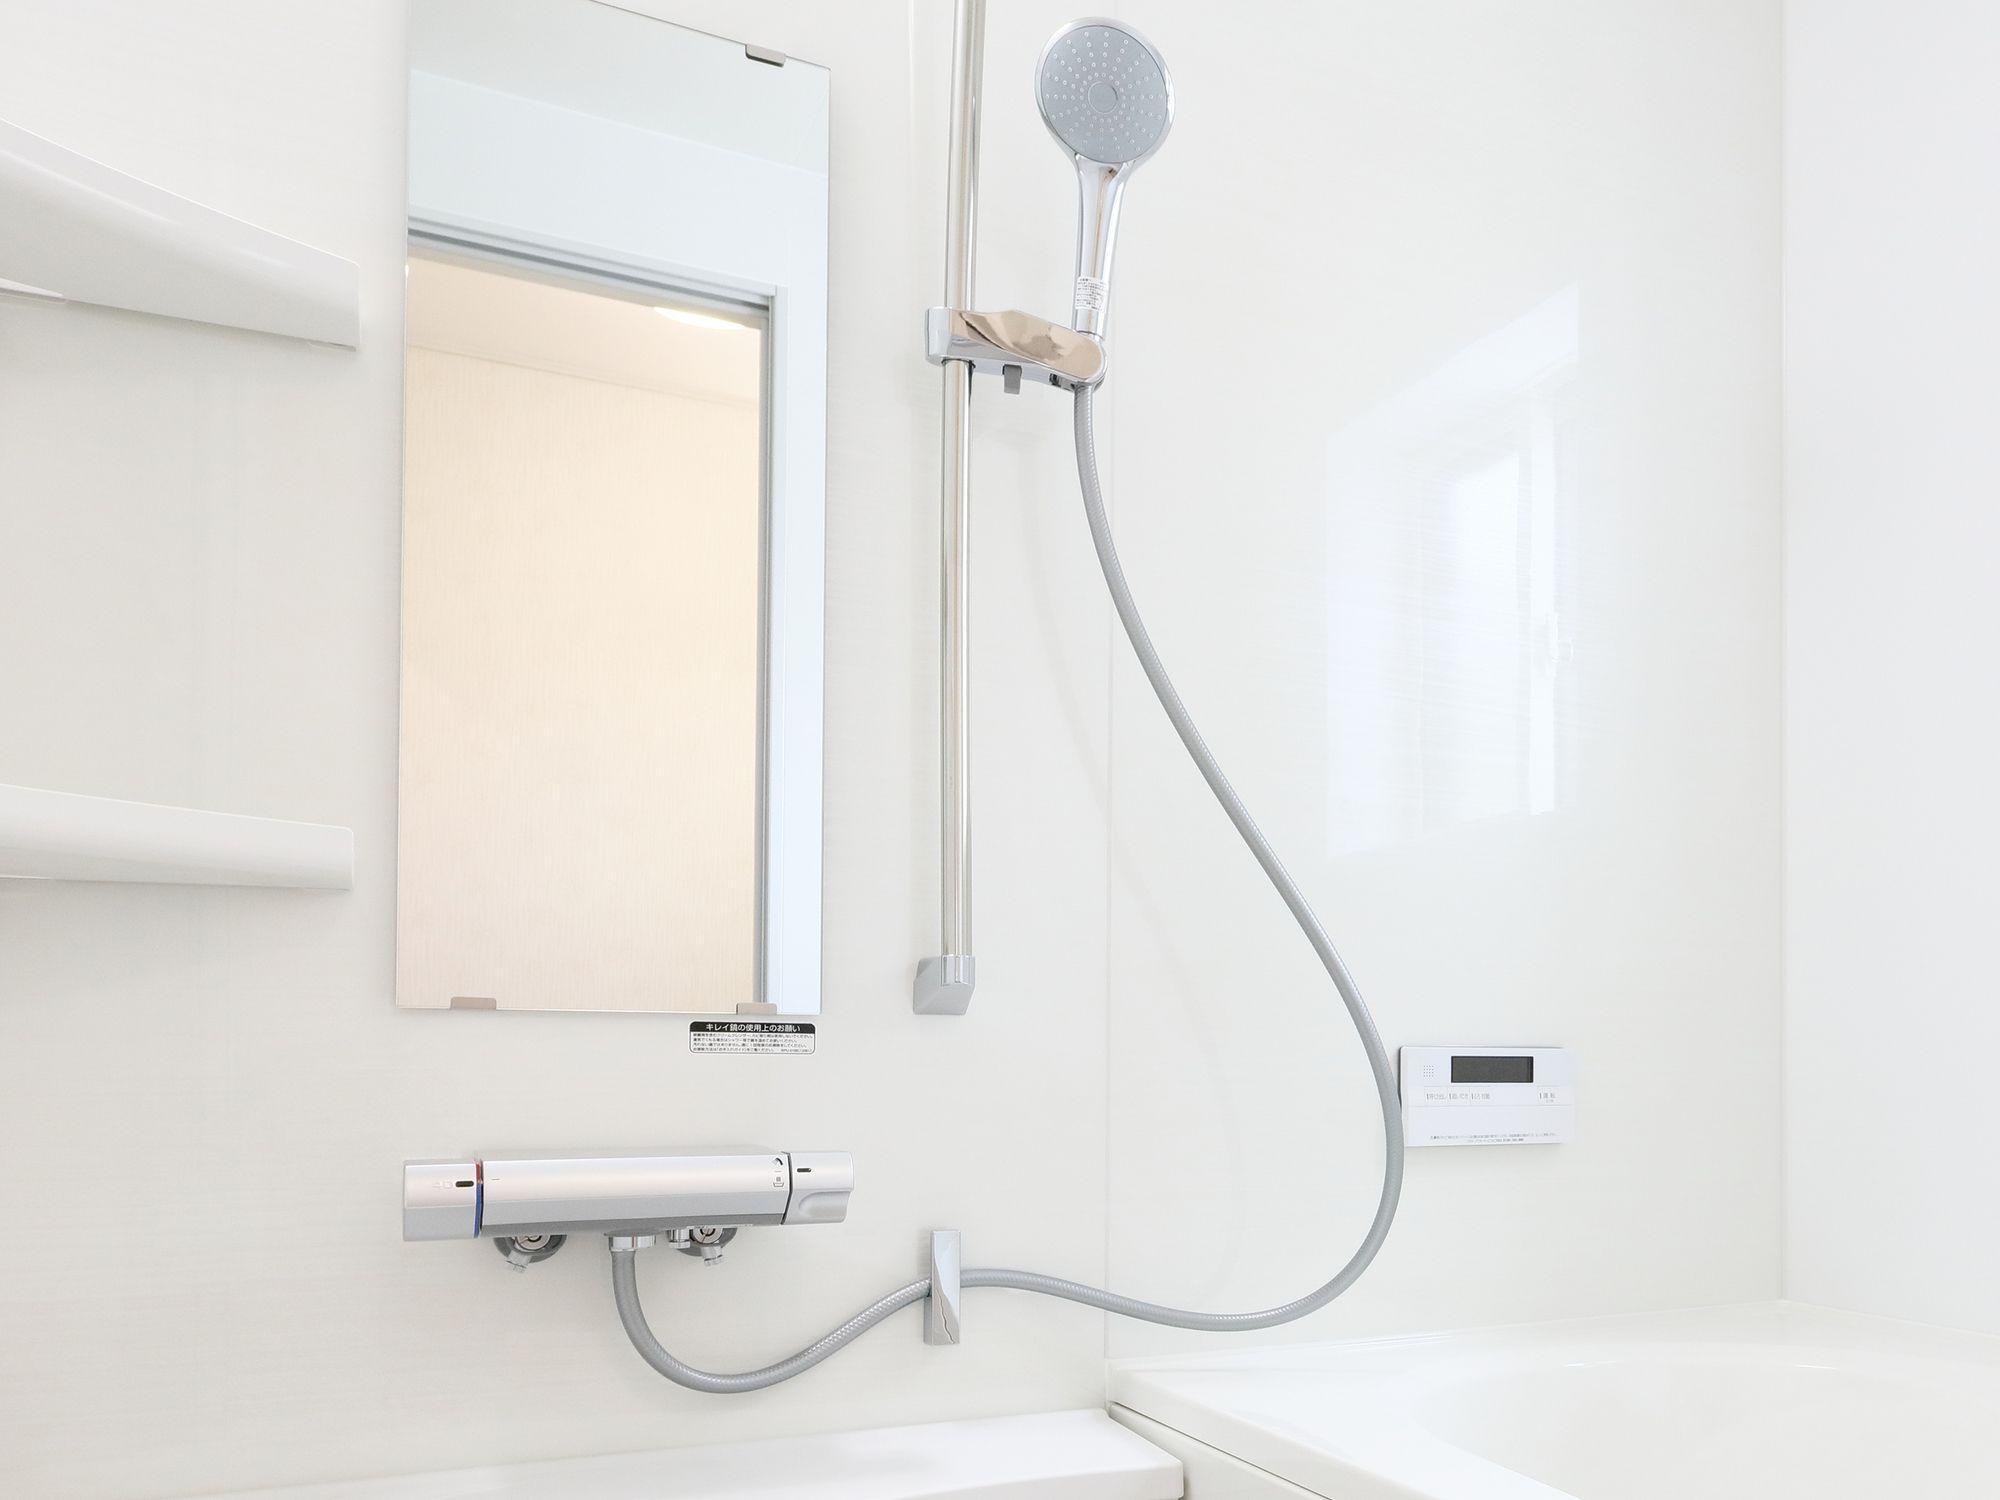 シャワーホースを交換するときの注意点